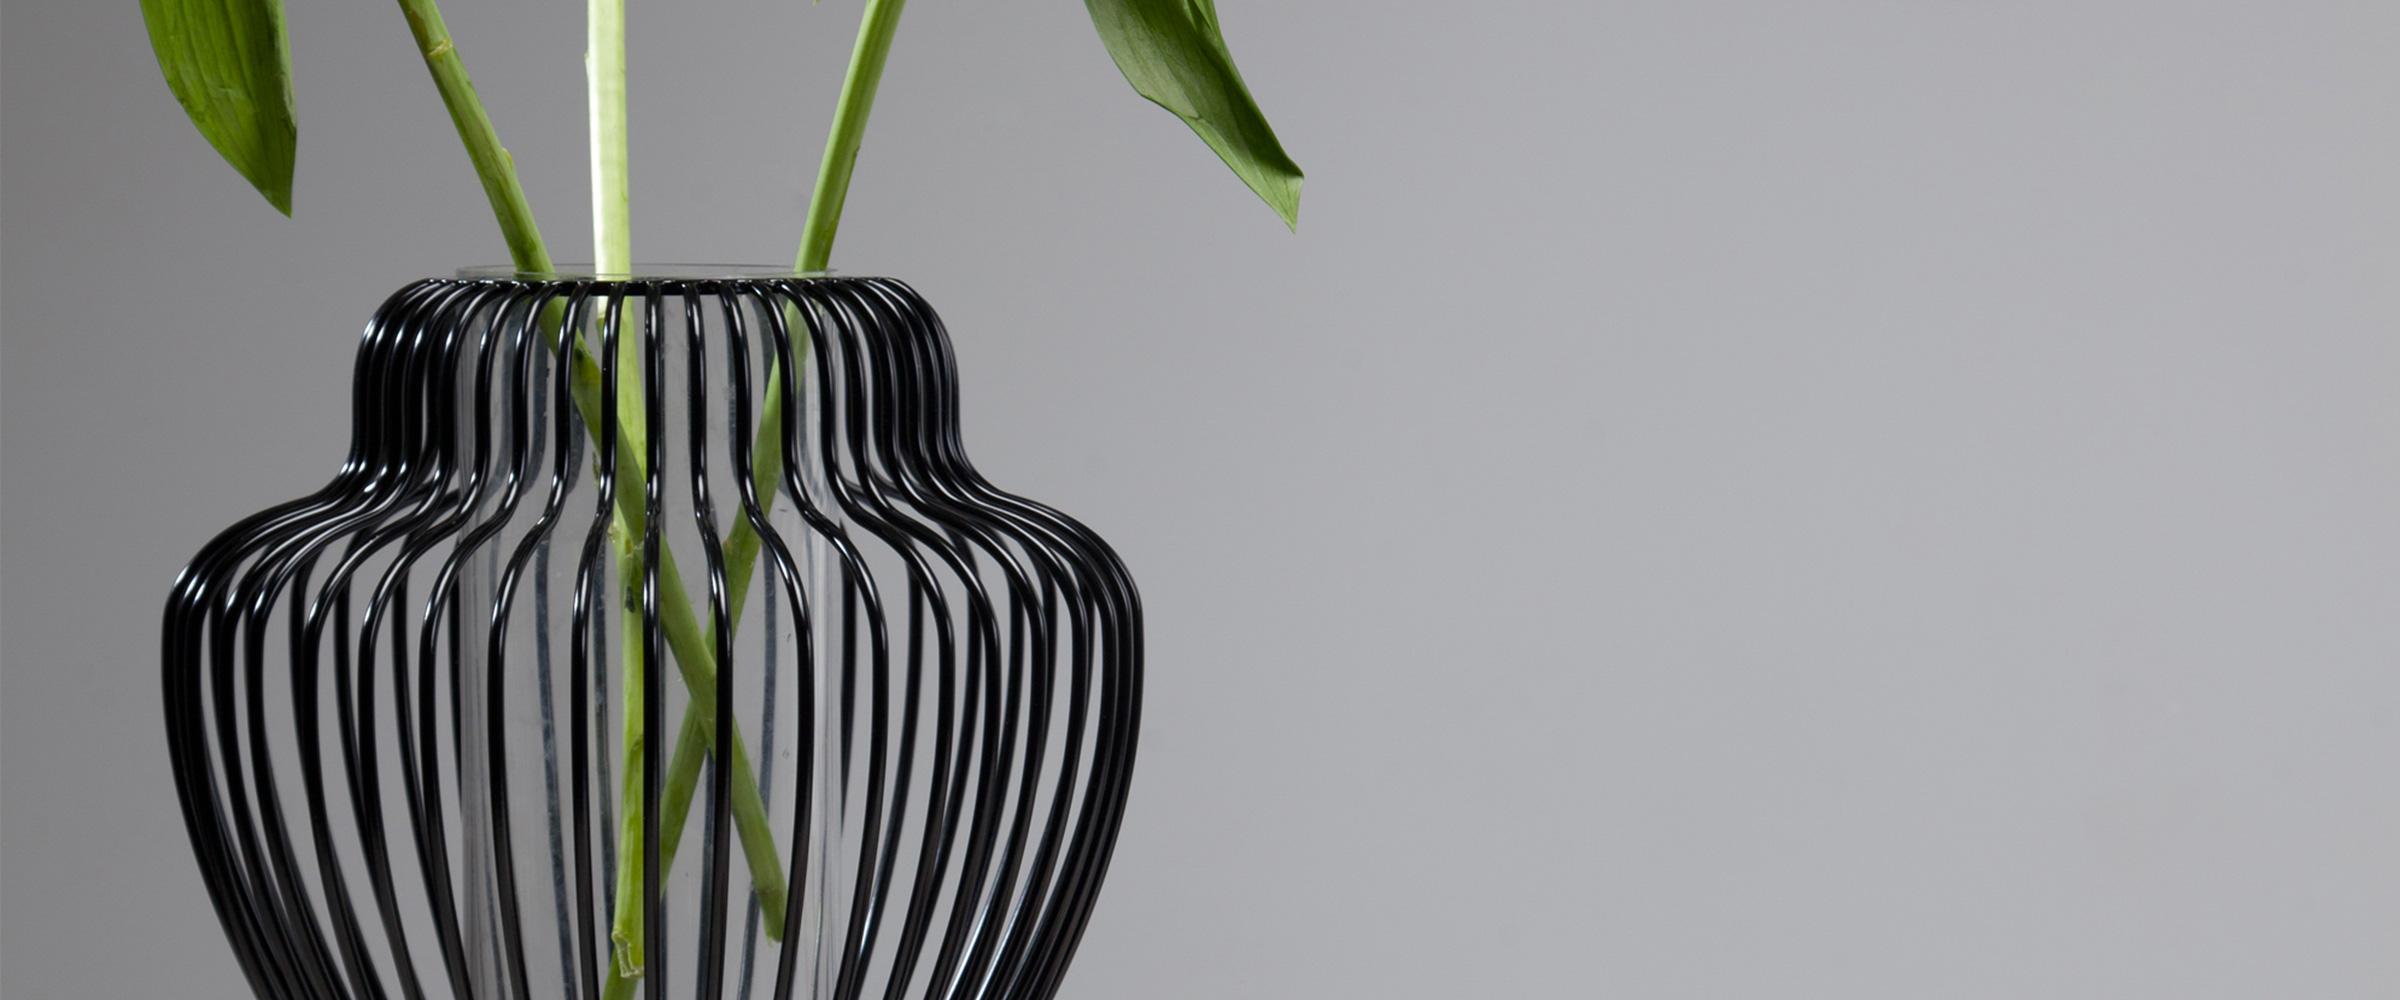 Wire-Vase-5.jpg